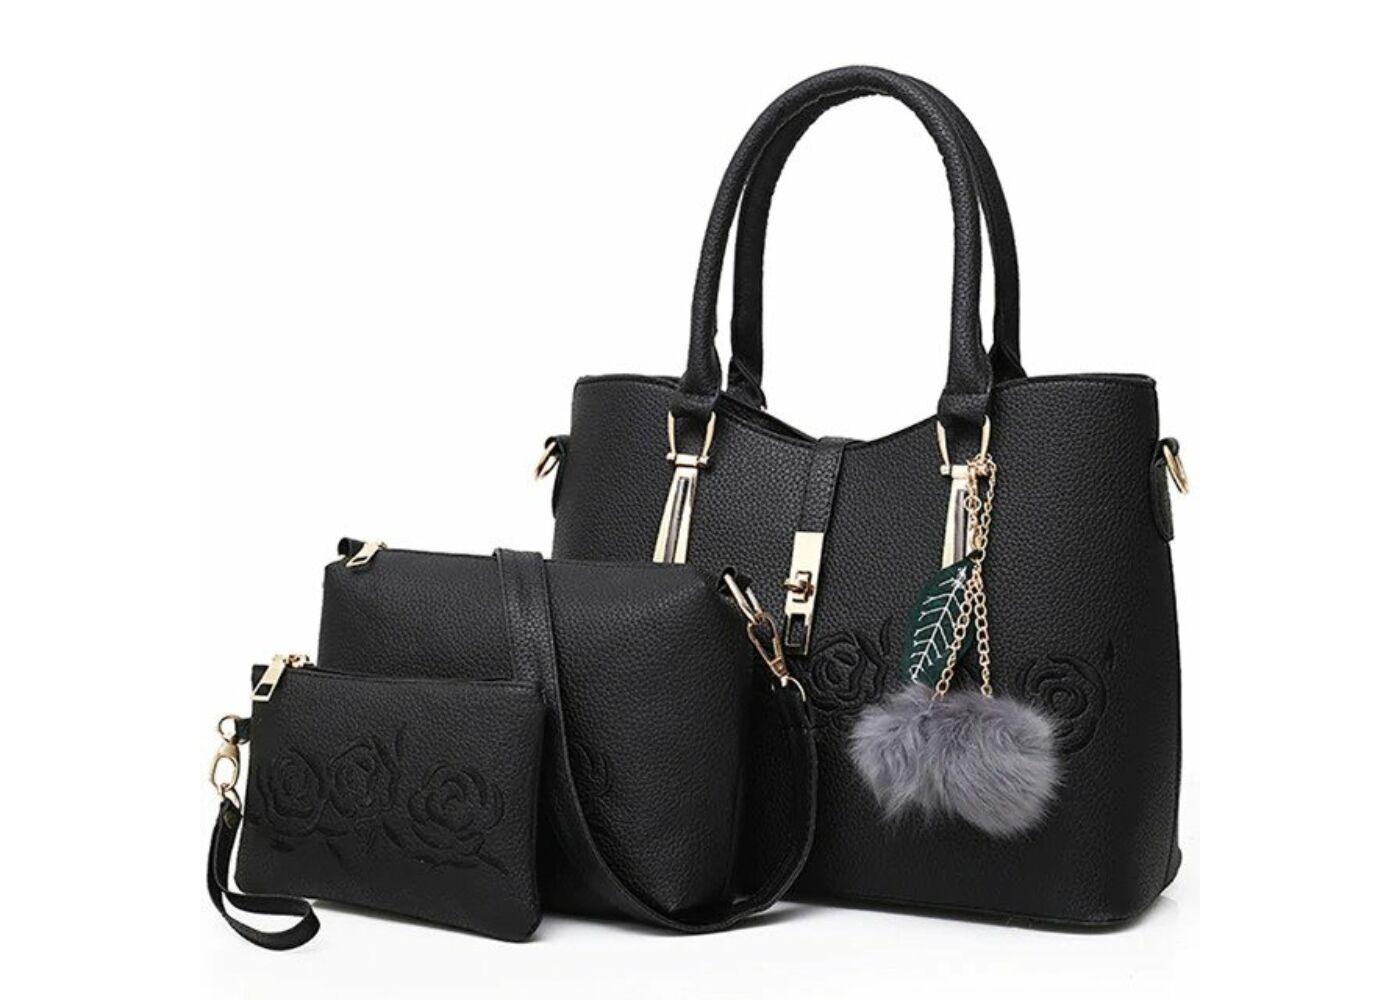 d26e5fb72aa2 Divatos fekete rózsa motívumos műbőr táska szett szürke pompommal, 3 db  Katt rá a felnagyításhoz